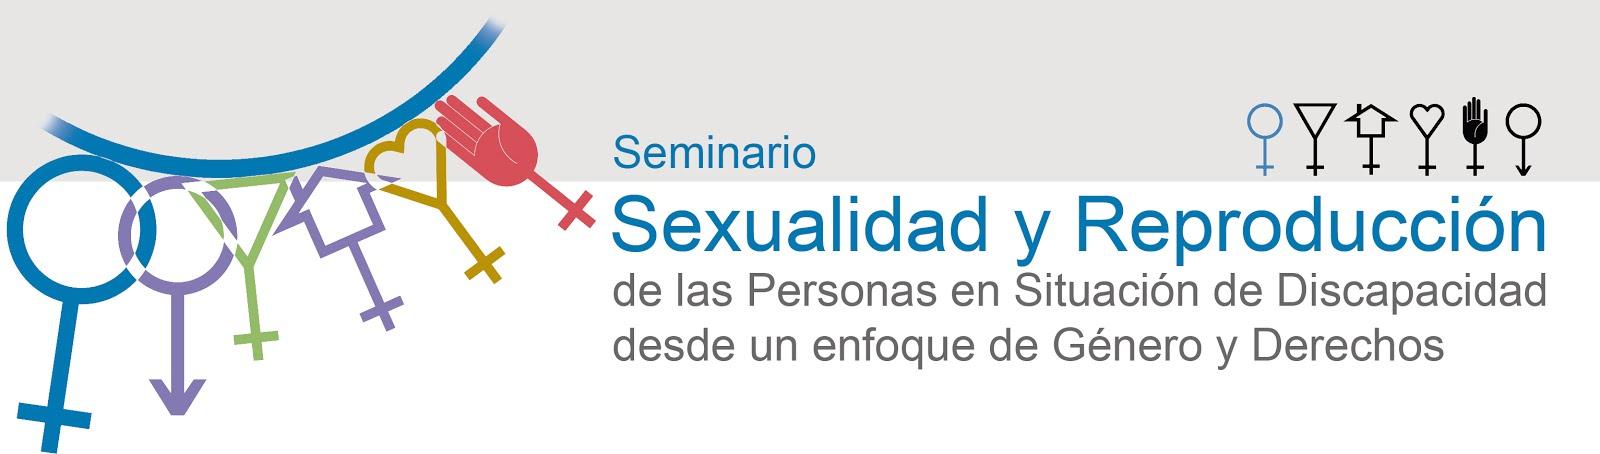 """""""Seminario sobre sexualidad y reproducción de las personas en situación de discapacidad"""""""